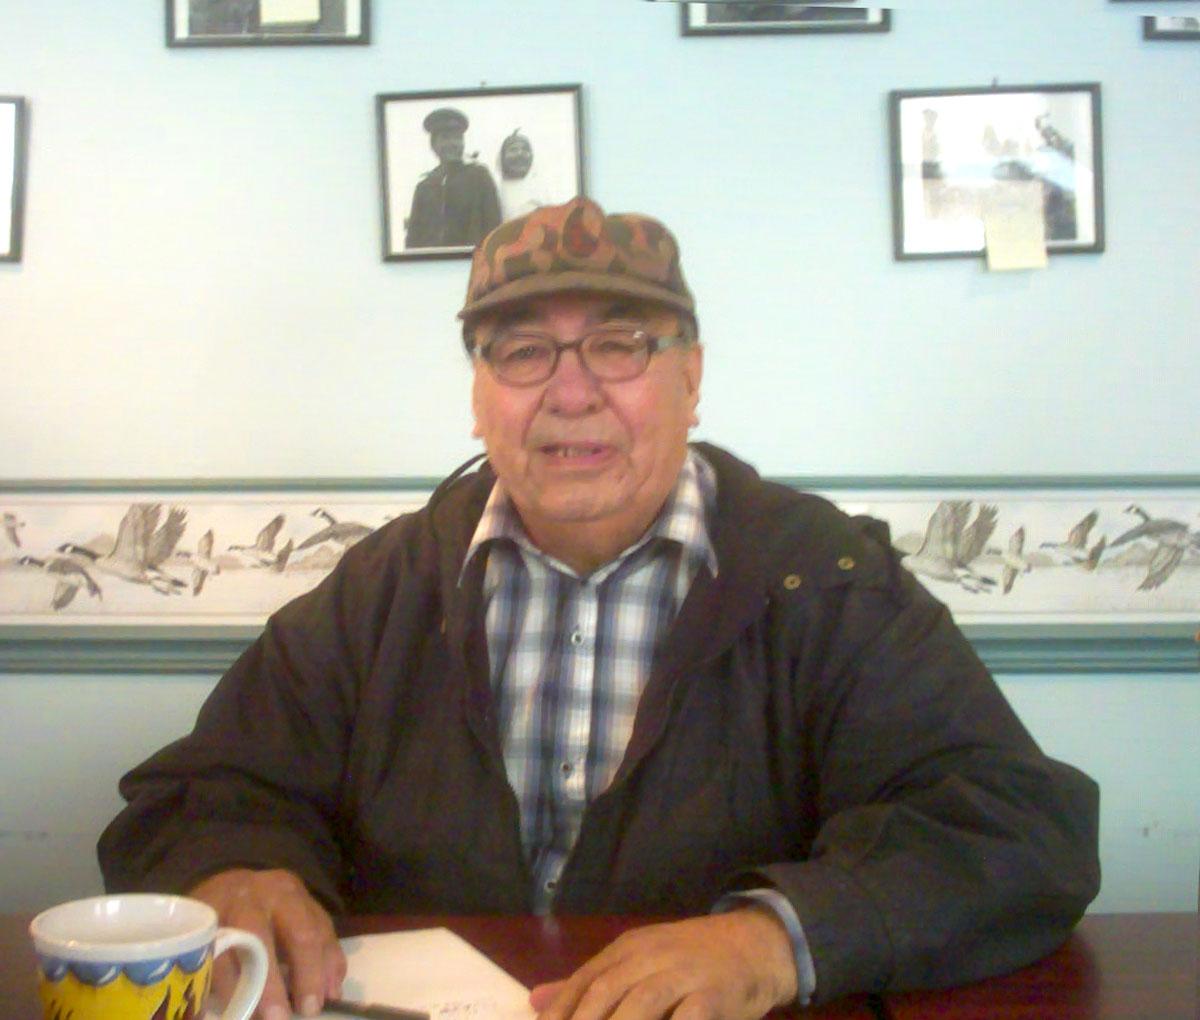 Joseph Guanish at the Naskapi Development Corporation